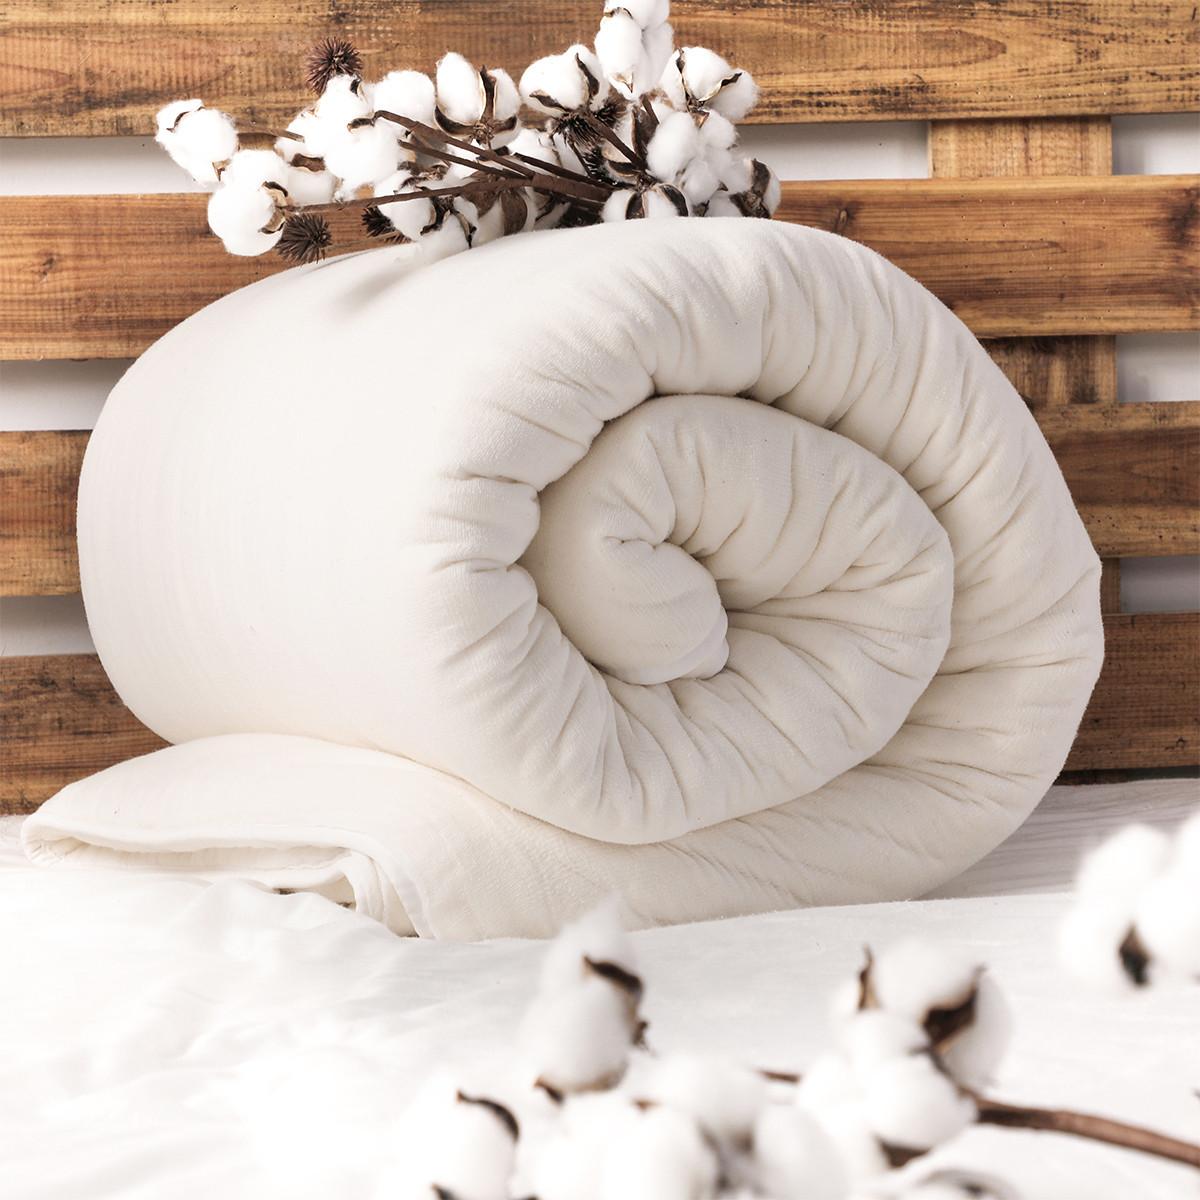 雅鹿爆款 100%新疆棉花被棉絮棉被宿舍垫被棉花被子床垫双人被芯COLOR棉花被裸胎